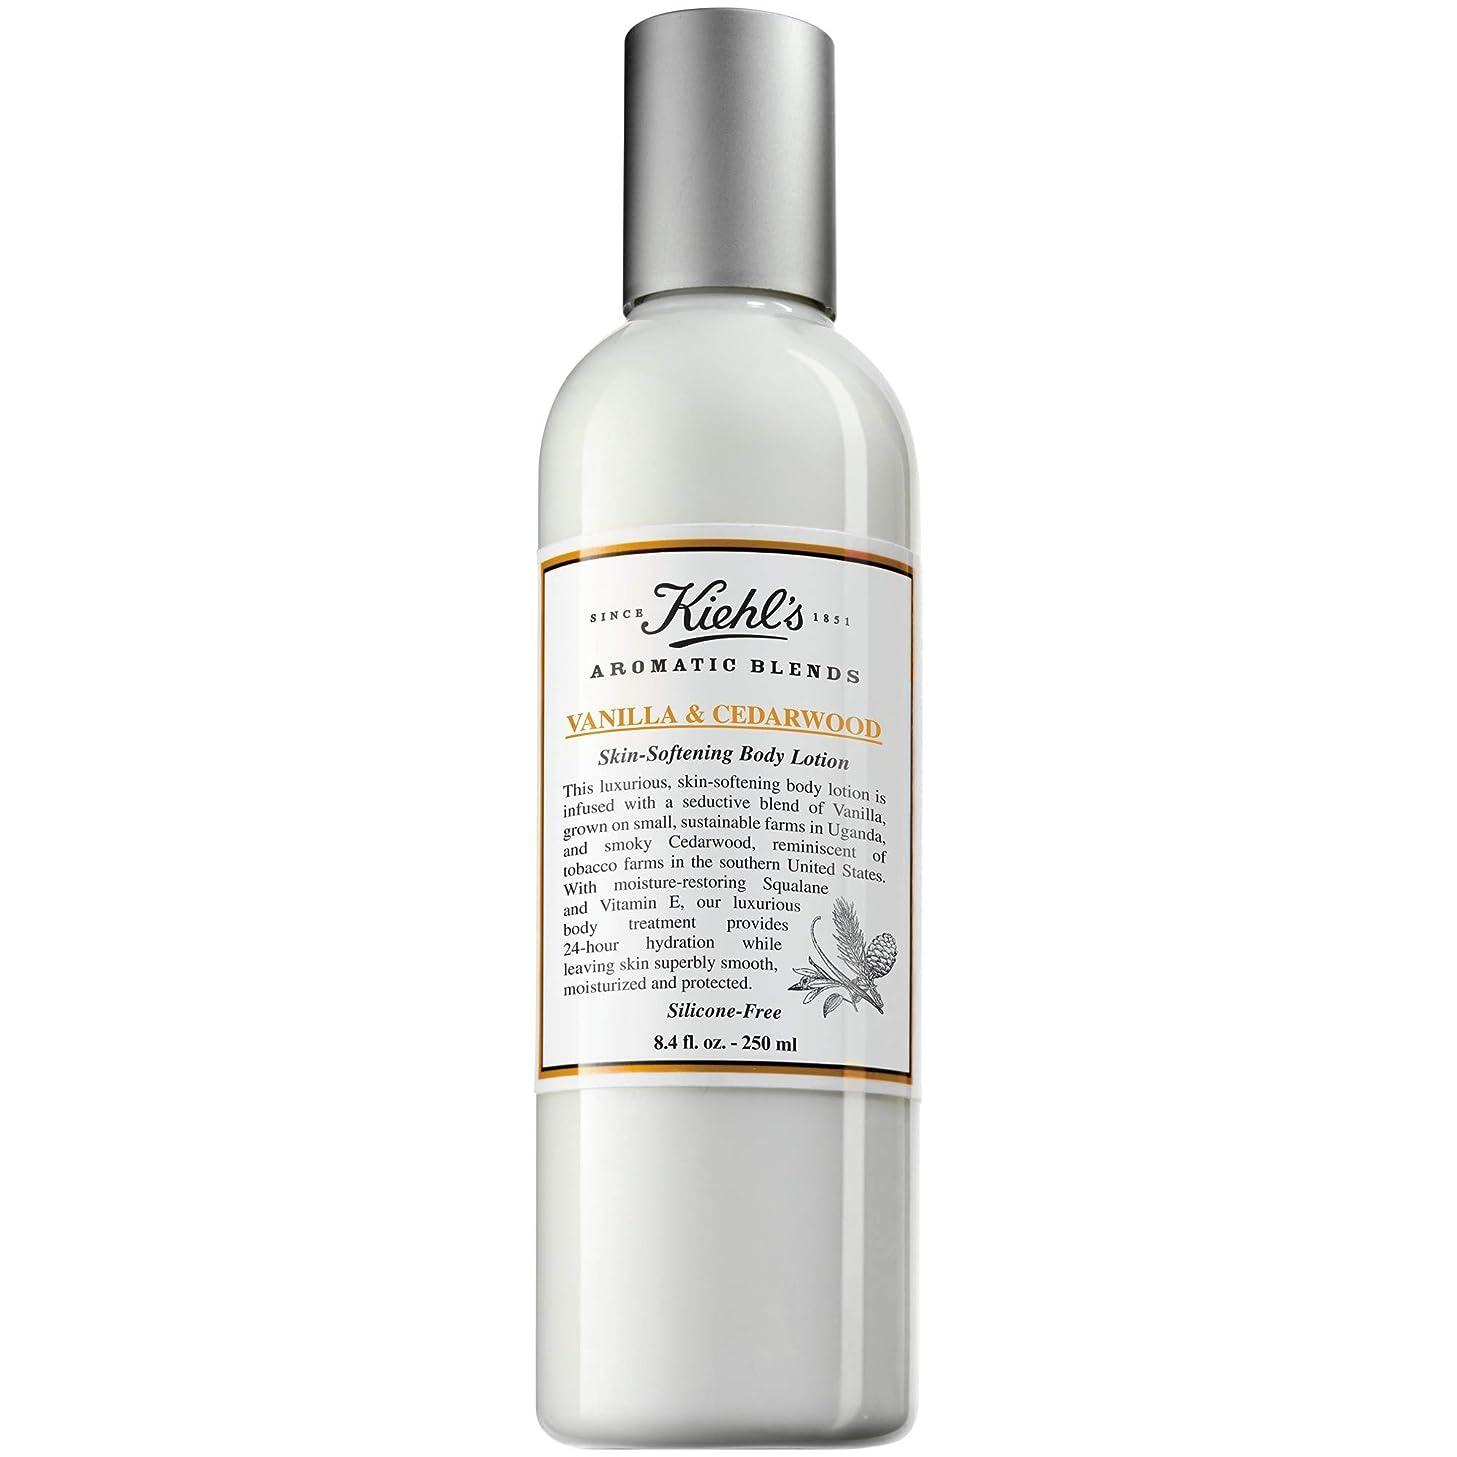 前進会話詩人[Kiehl's ] キールズ芳香族ブレンド - バニラ、シダーウッド皮膚軟化ボディローション250ミリリットル - Kiehl's Aromatic Blends - Vanilla and Cedarwood Skin-Softening Body Lotion 250ml [並行輸入品]